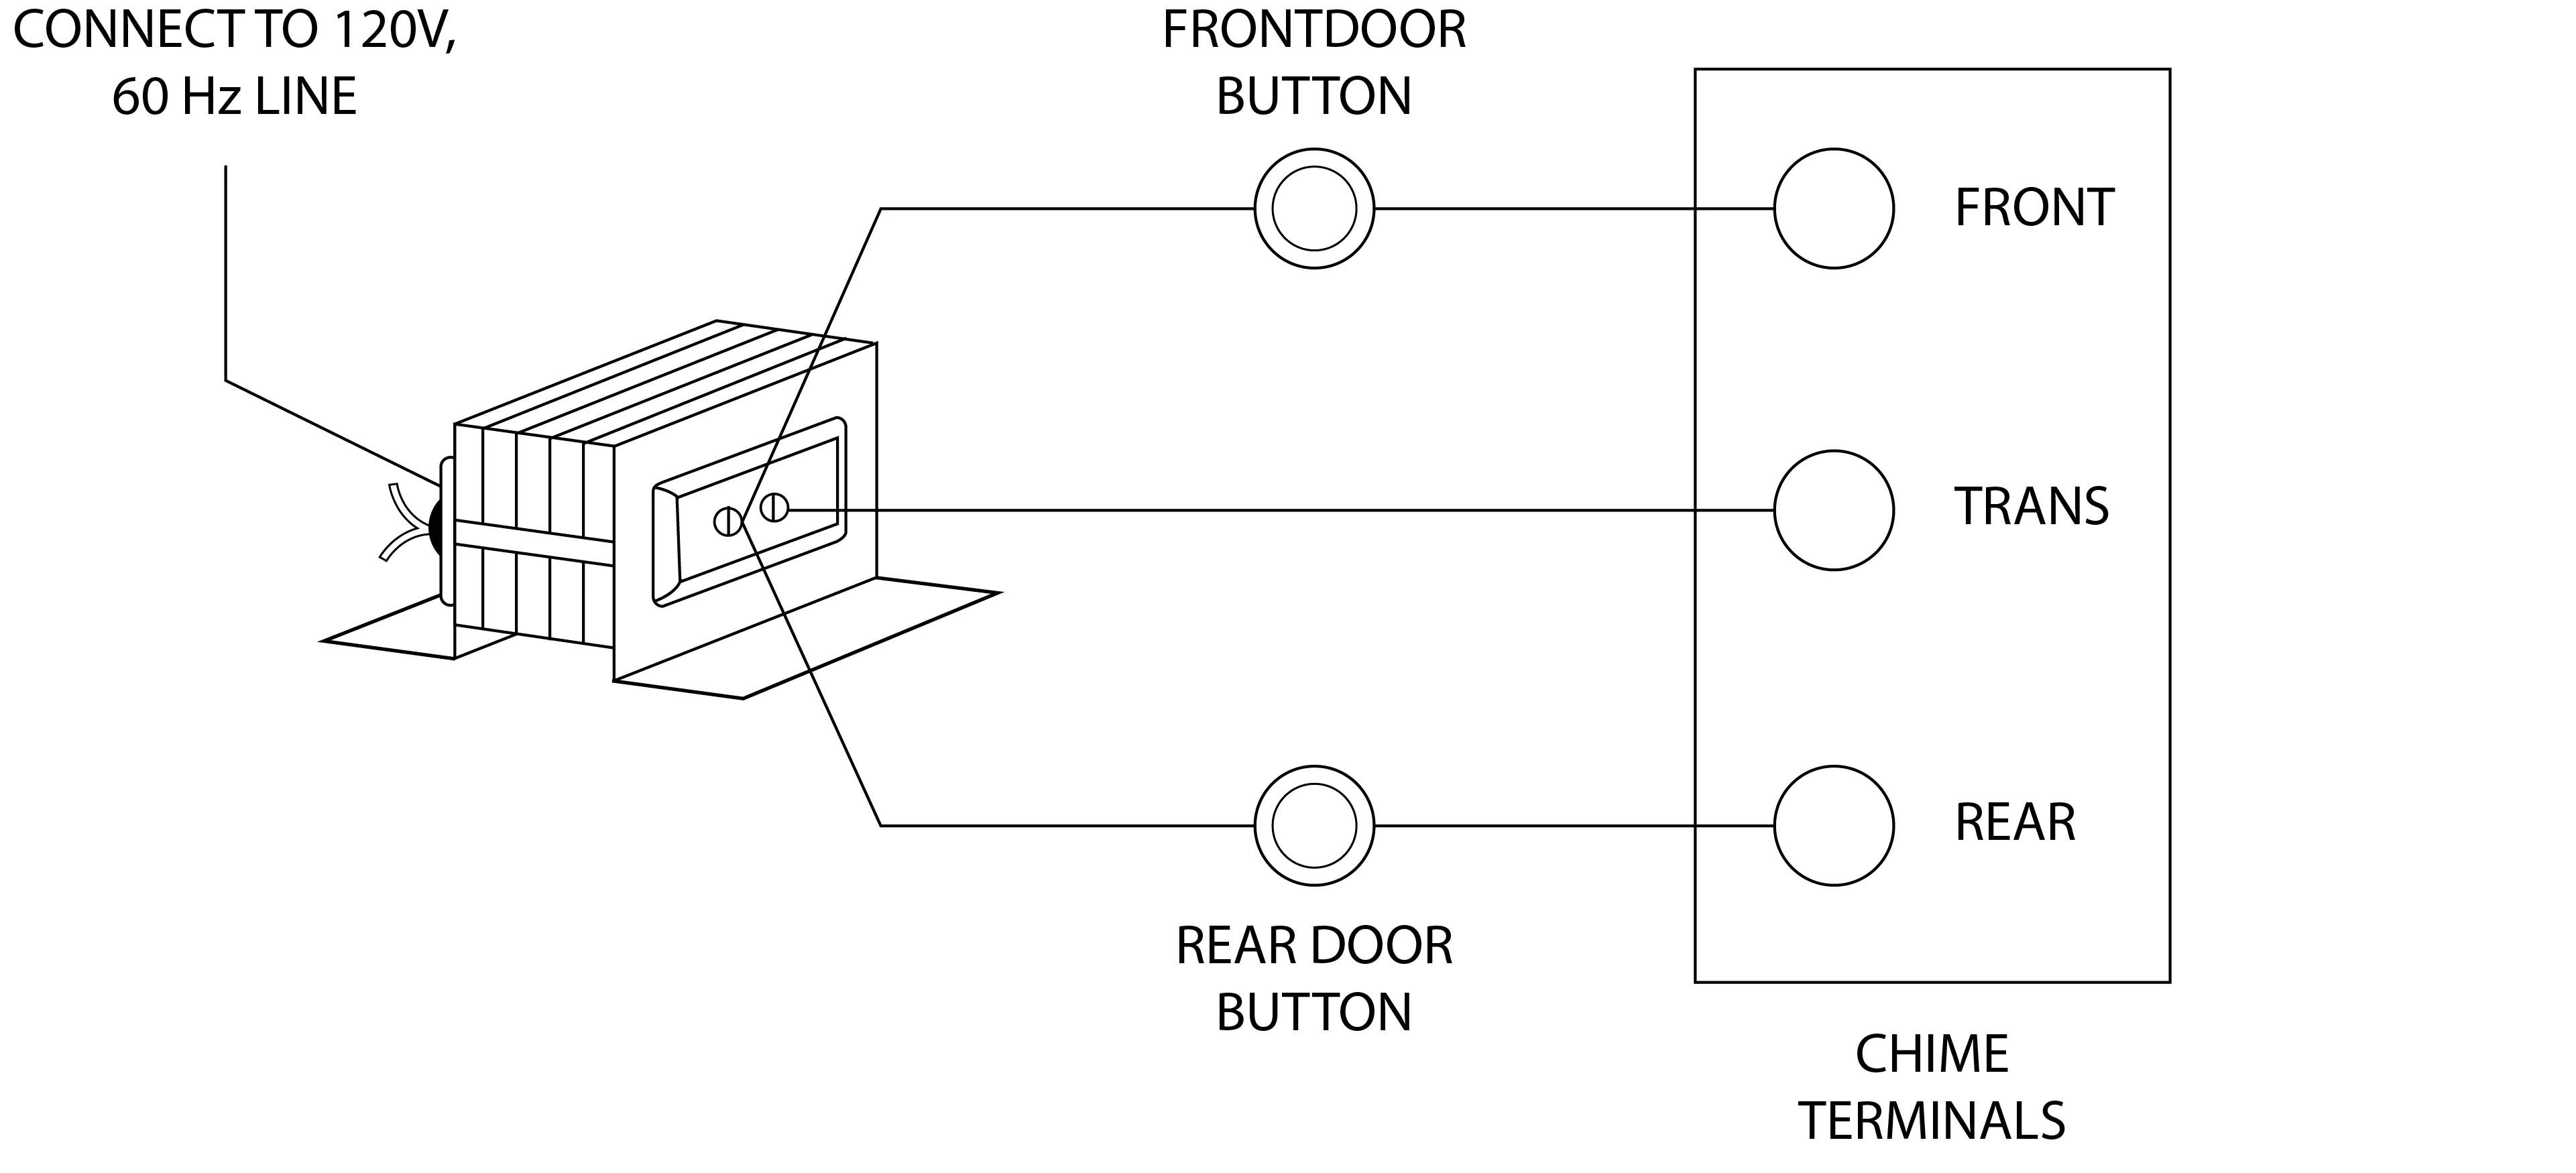 Nutone Door Bell Wiring Diagrams - Schematic Liry on tripp lite wiring diagram, crosley wiring diagram, danby wiring diagram, beam wiring diagram, samsung wiring diagram, panasonic wiring diagram, intercom systems wiring diagram, hunter wiring diagram, coleman wiring diagram, simplicity wiring diagram, estate wiring diagram, sears wiring diagram, intermatic wiring diagram, speco wiring diagram, schlage wiring diagram, roper wiring diagram, lightolier wiring diagram, viking wiring diagram, toshiba wiring diagram, craftmade wiring diagram,